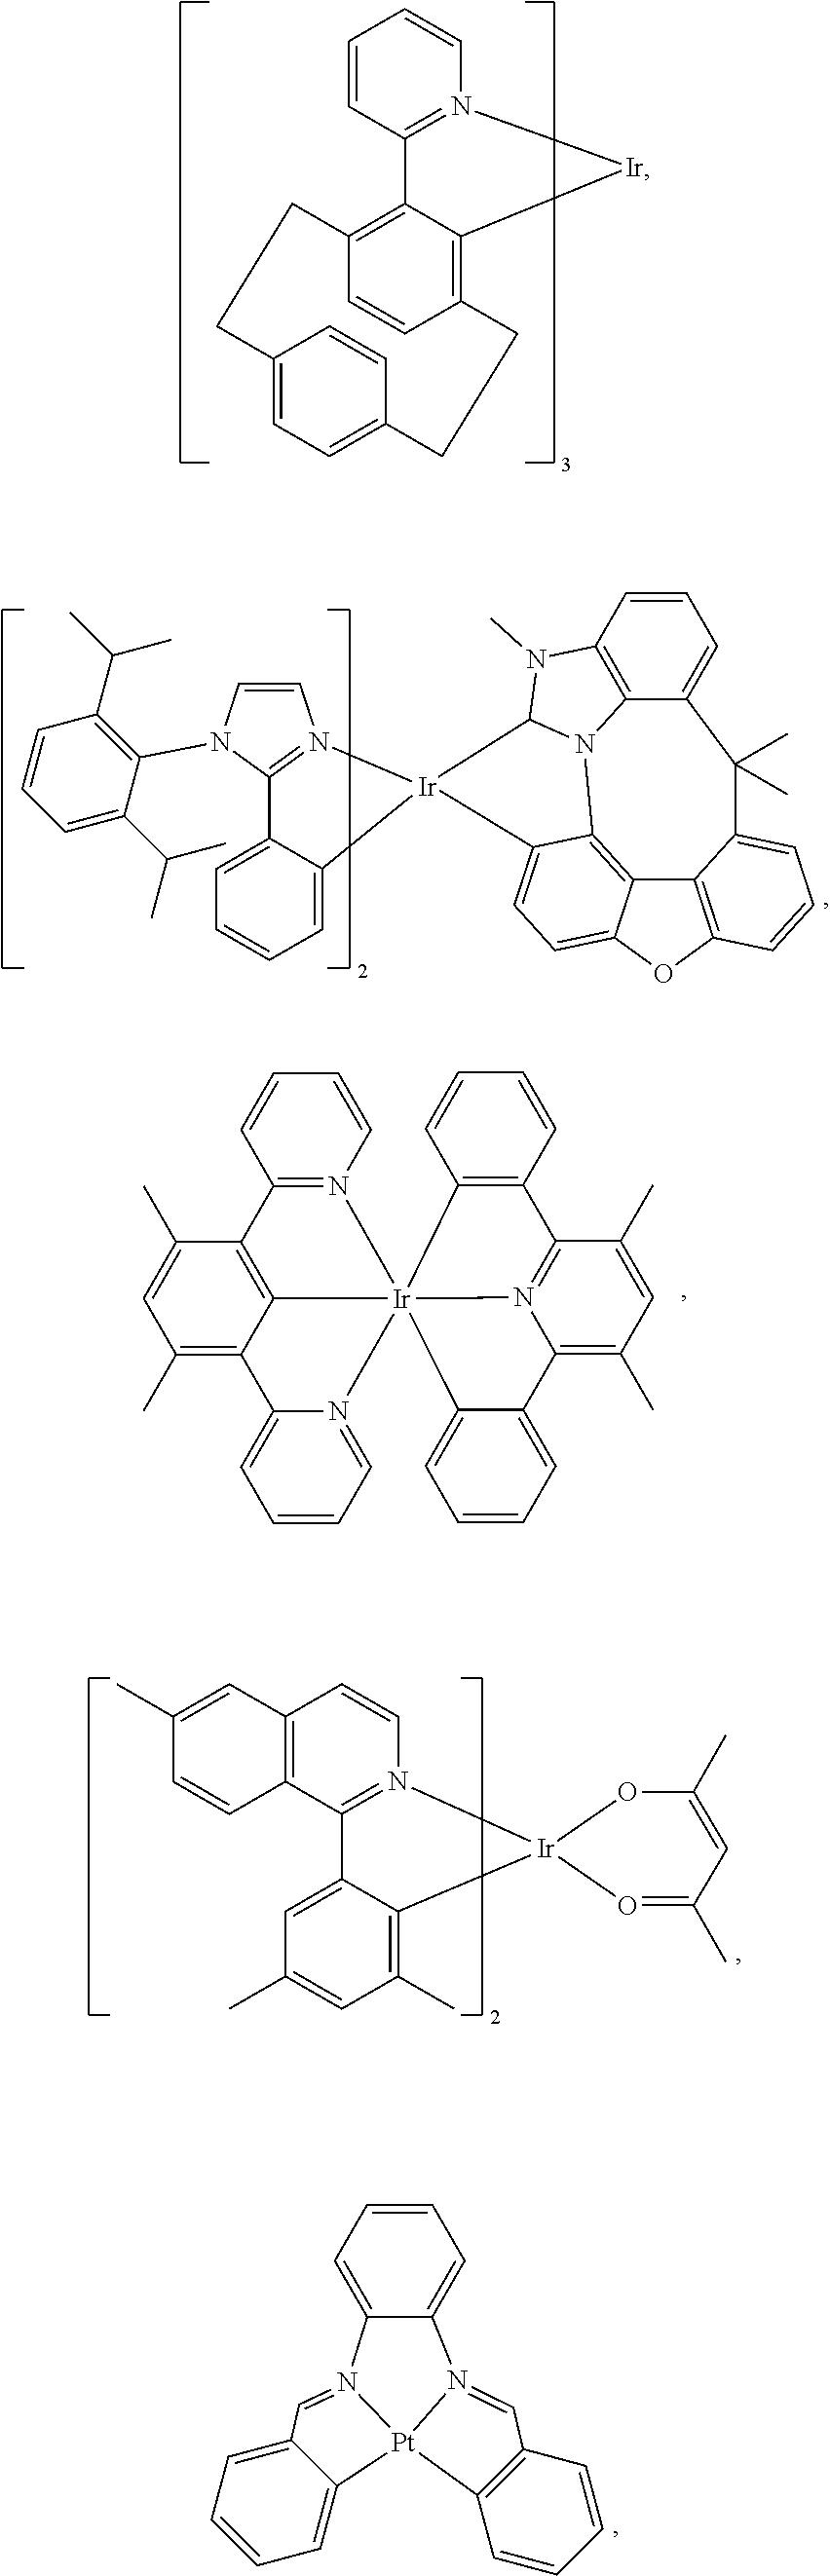 Figure US09859510-20180102-C00088